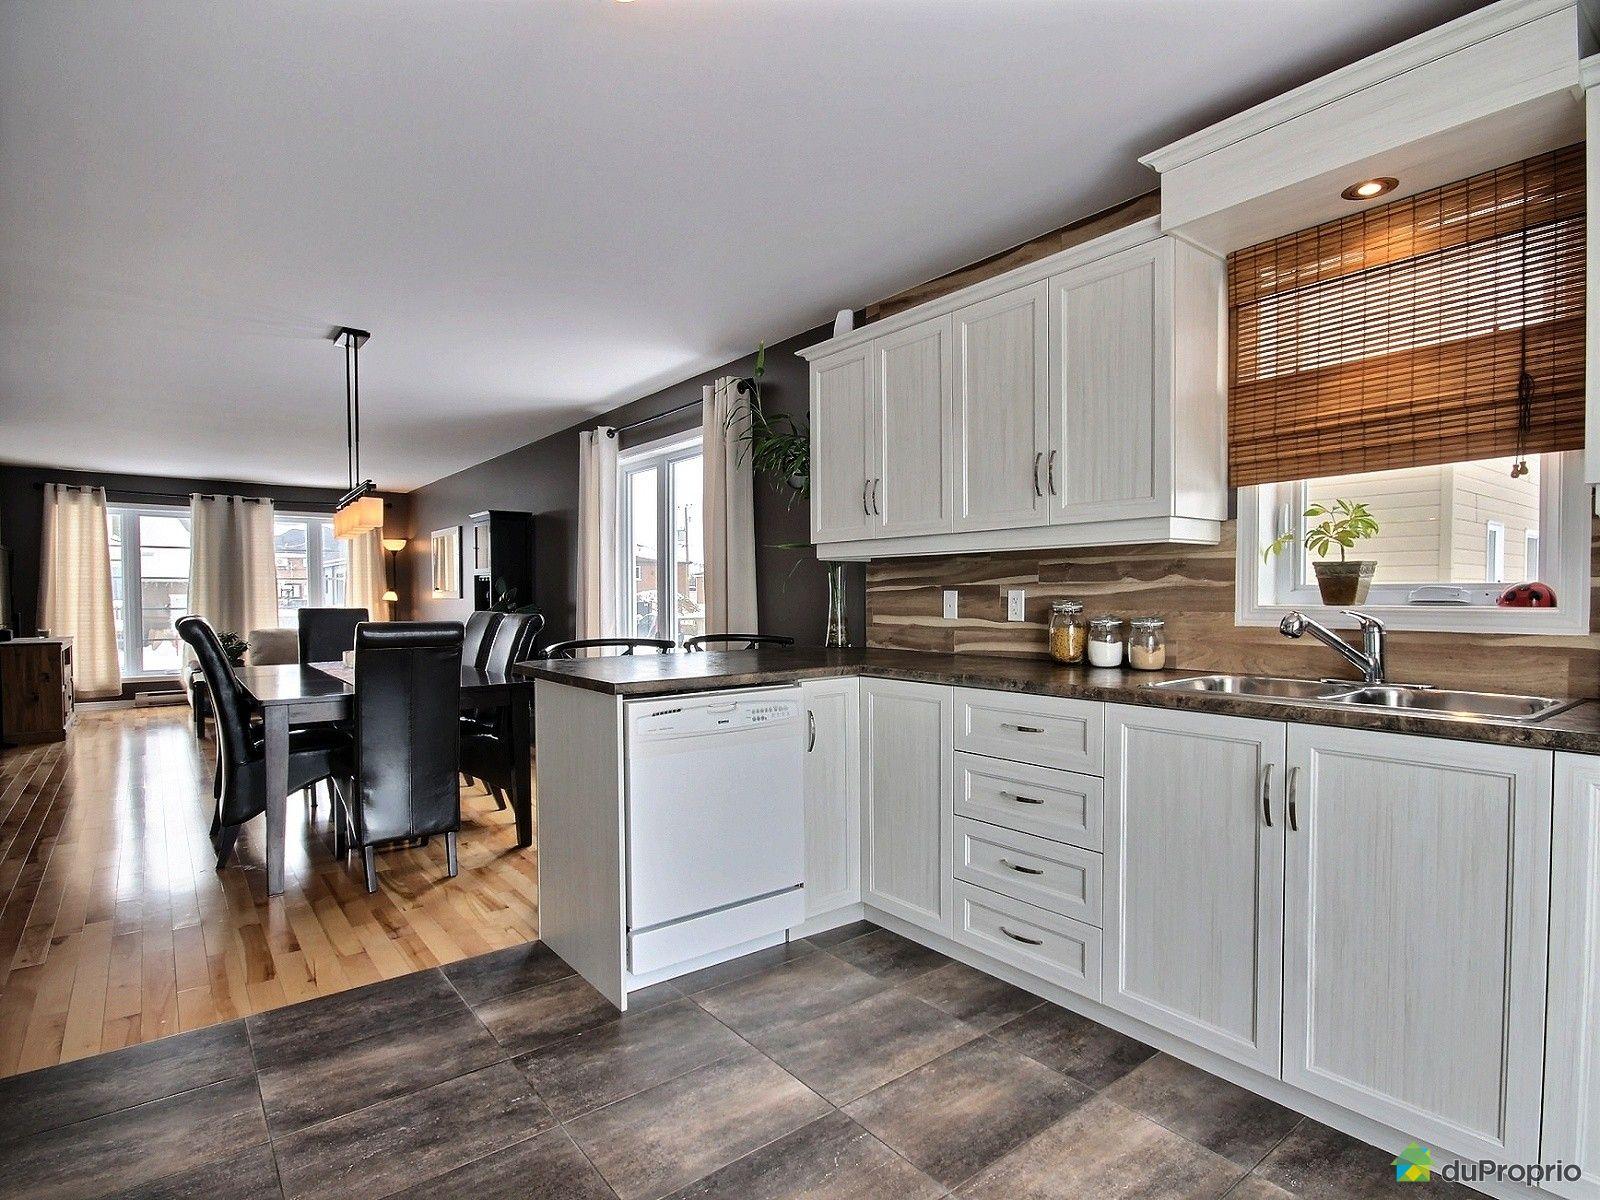 maison vendu st jean sur richelieu immobilier qu bec duproprio 500295. Black Bedroom Furniture Sets. Home Design Ideas